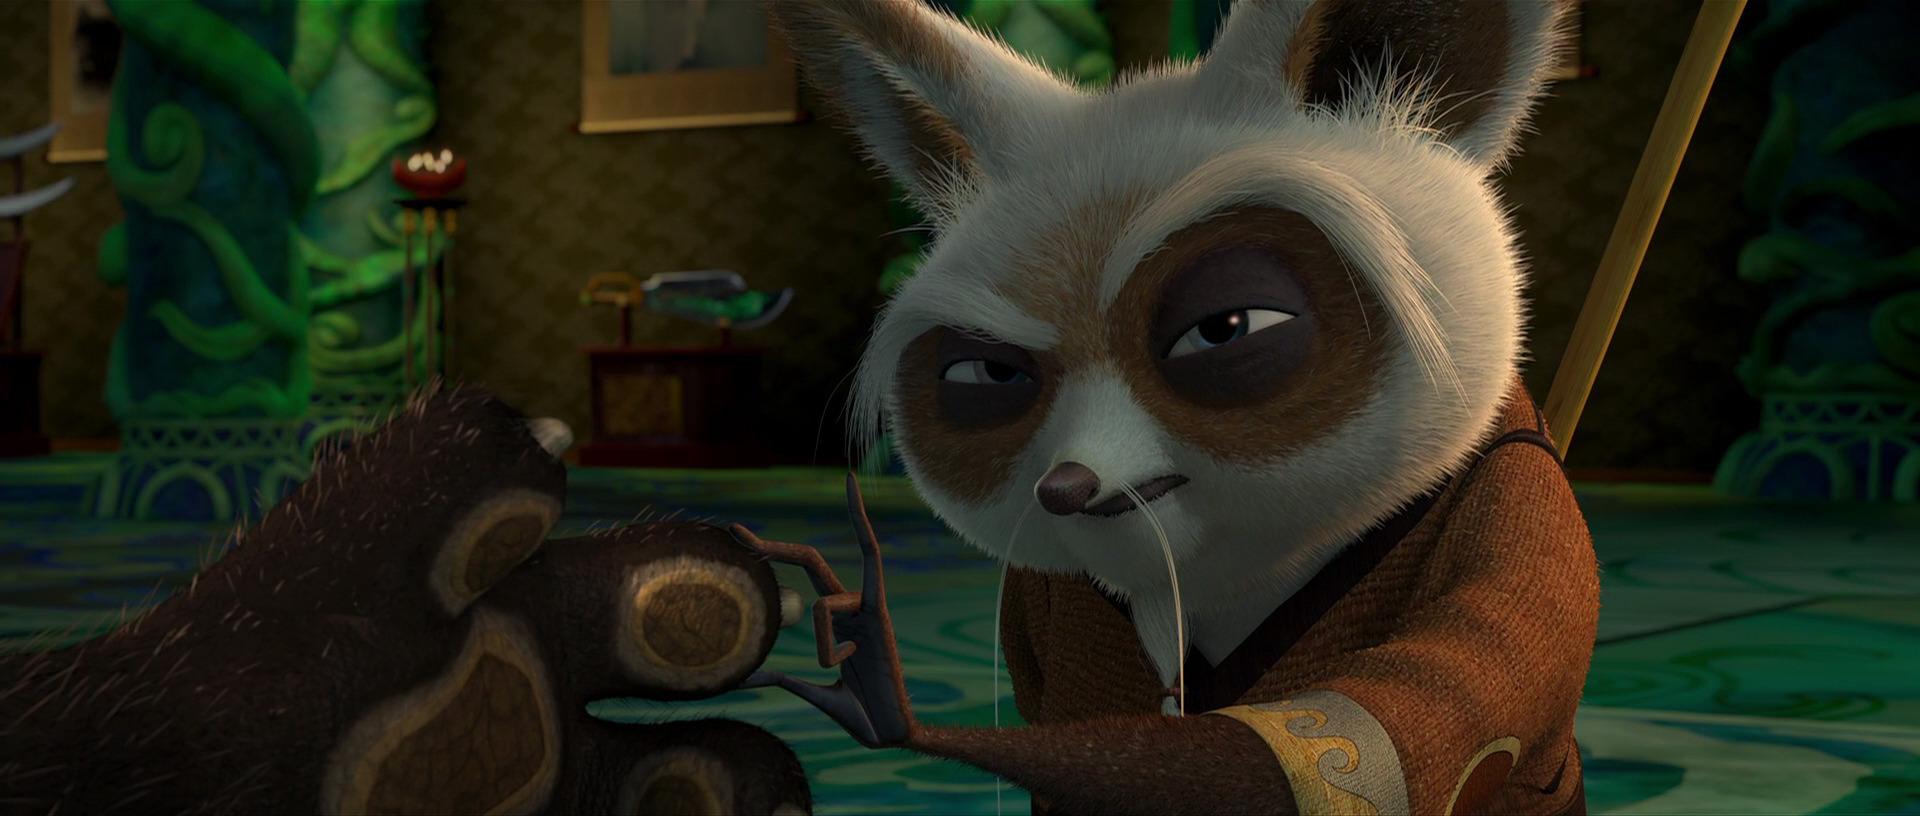 Wuxi finger hold kung fu panda wiki the online - Kung fu panda shifu ...